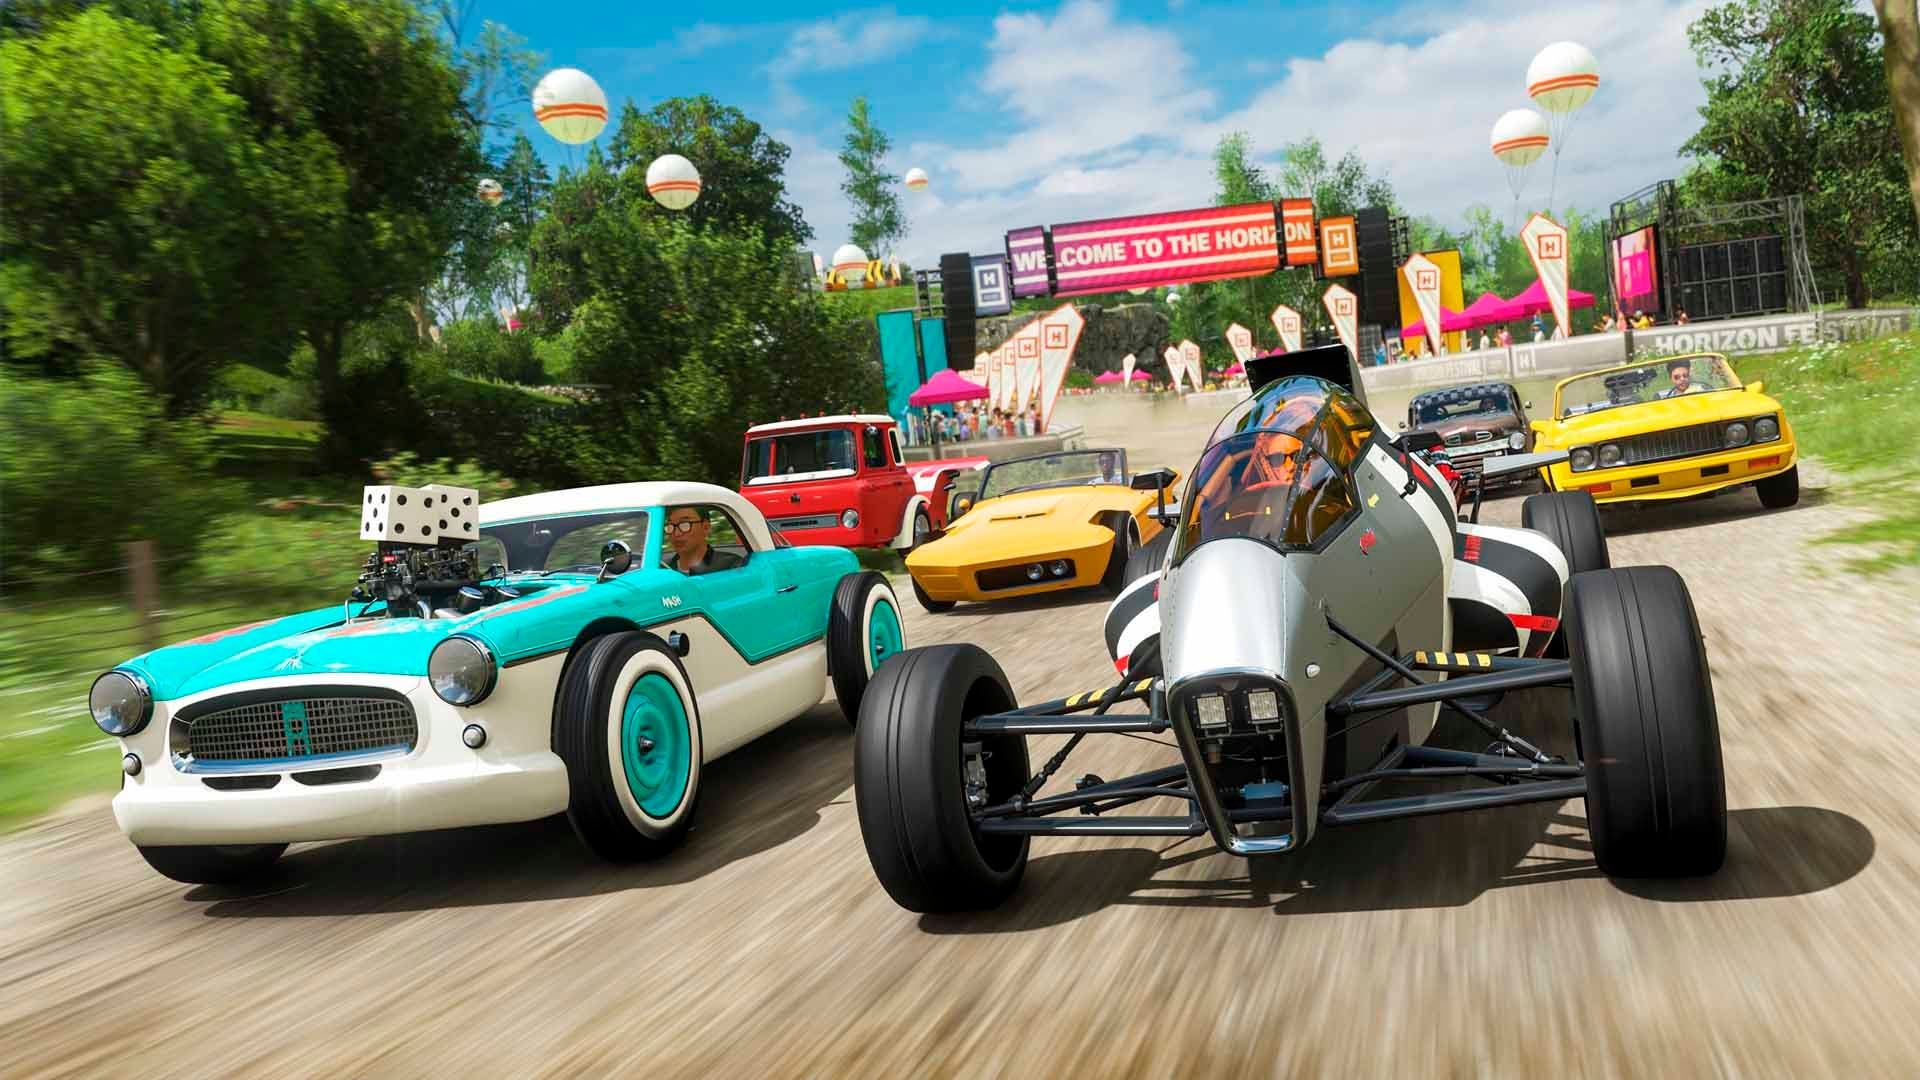 Los coches de Hot Wheels llegan a Forza Horizon 4 en un nuevo pack de contenidos 5